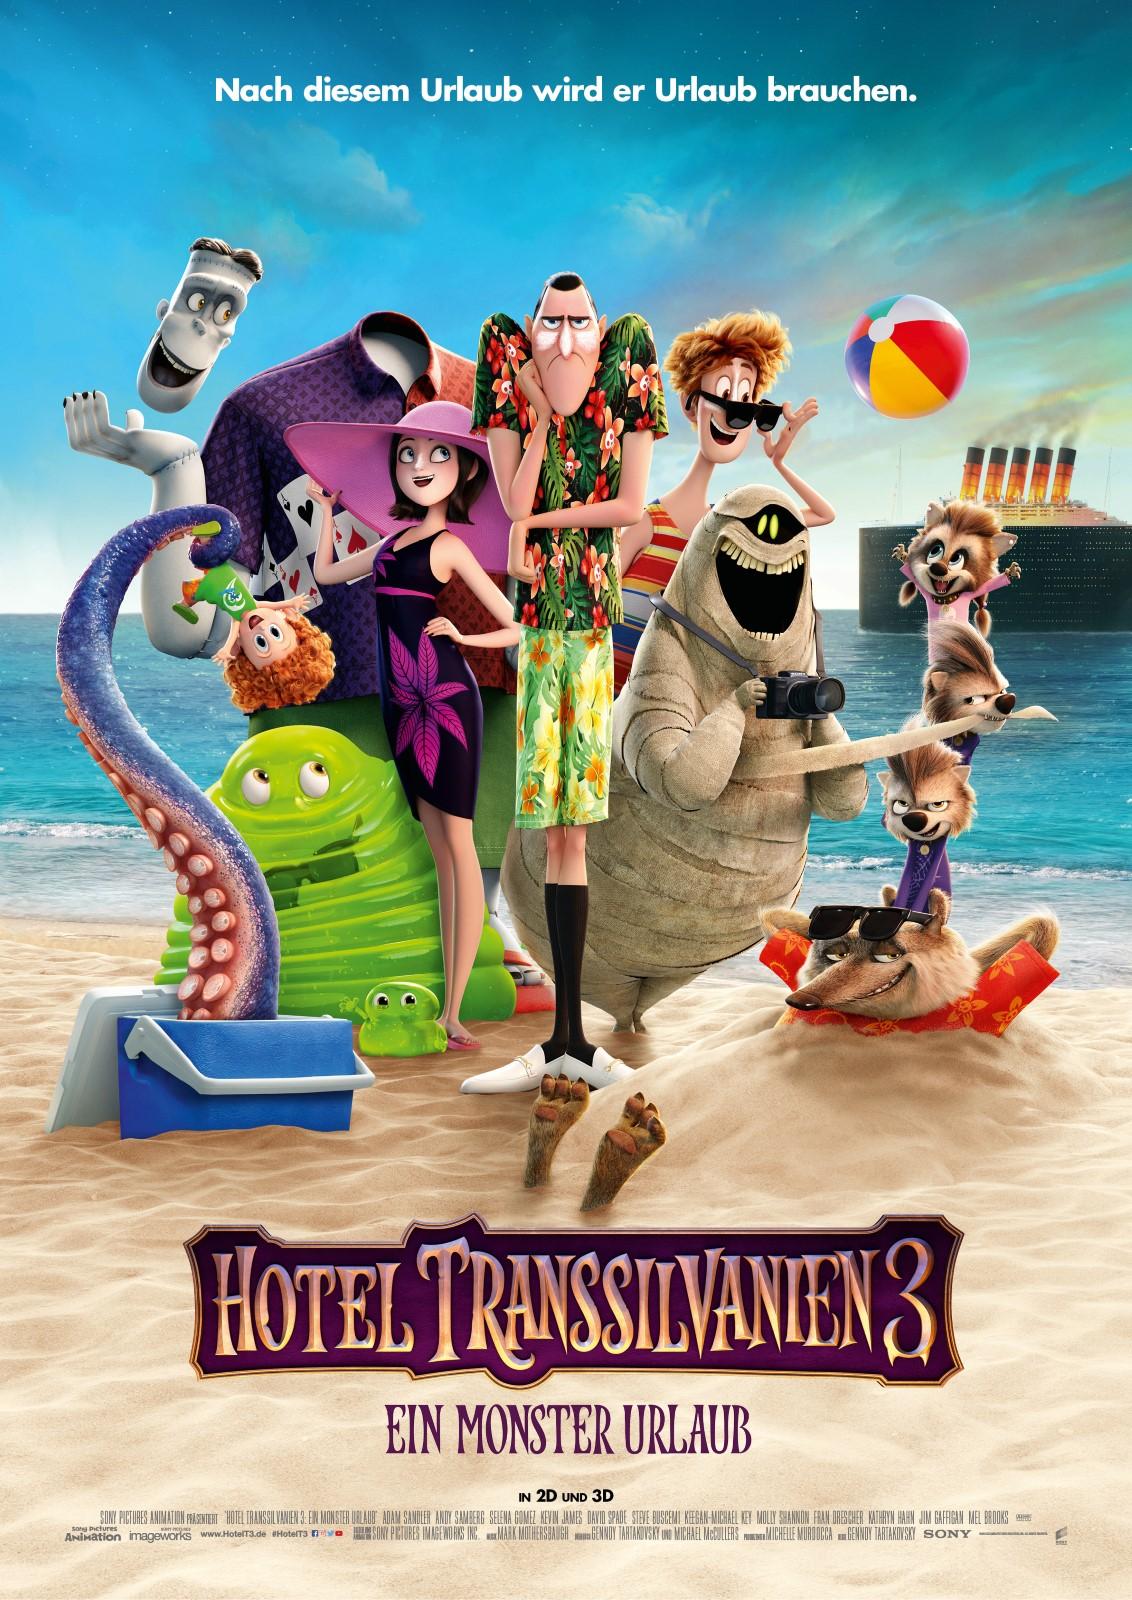 Hotel Transsilvanien 4